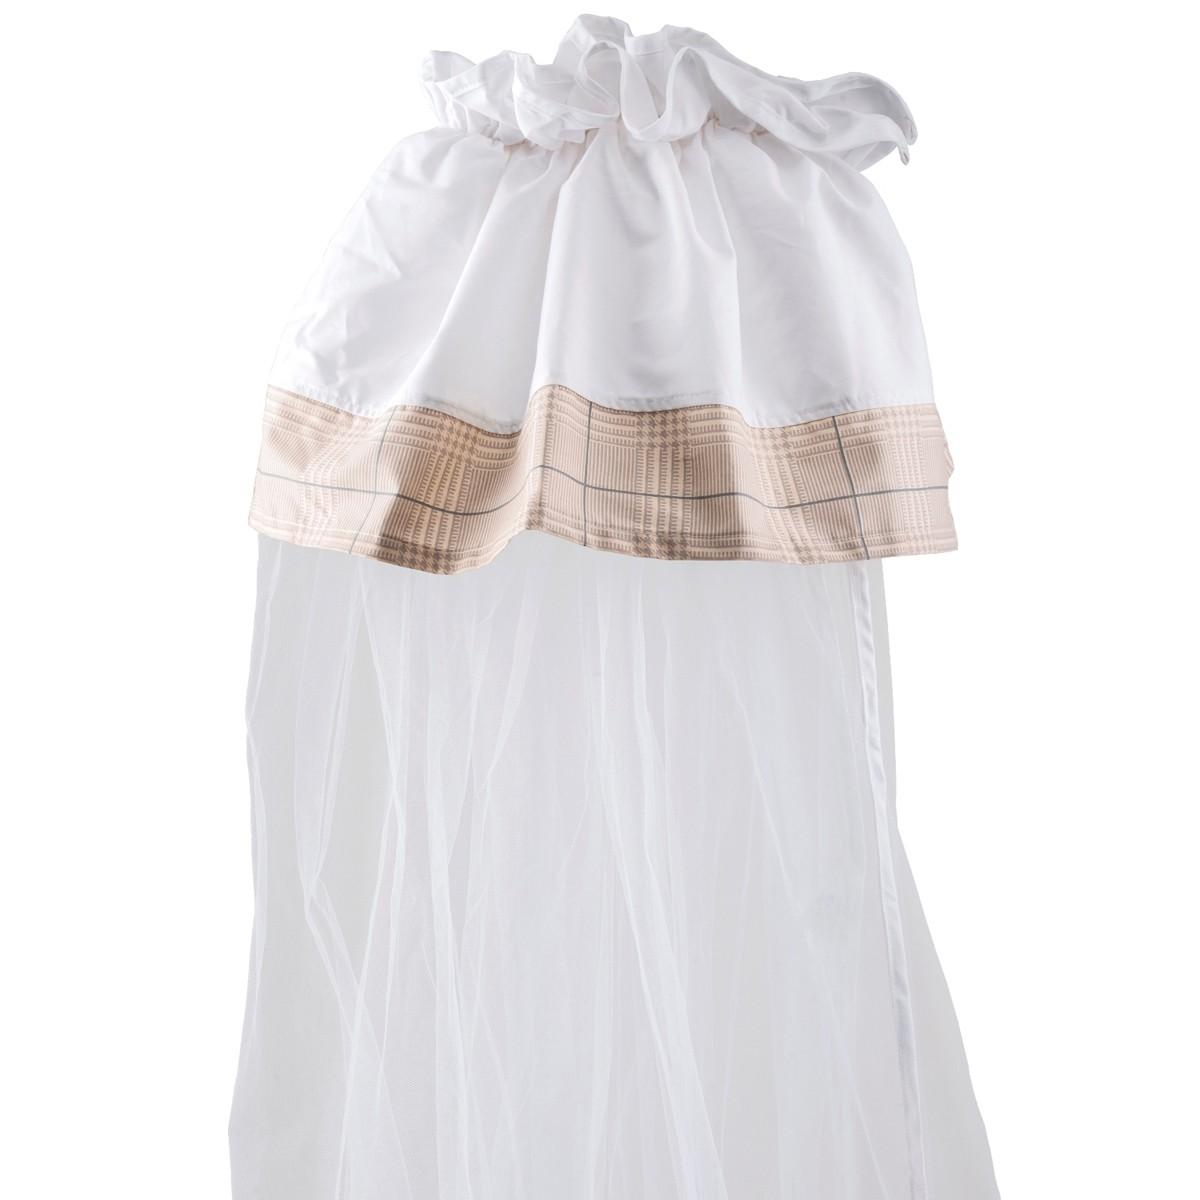 Κουνουπιέρα Λίκνου Κόσμος Του Μωρού 0882 Hug Μπεζ